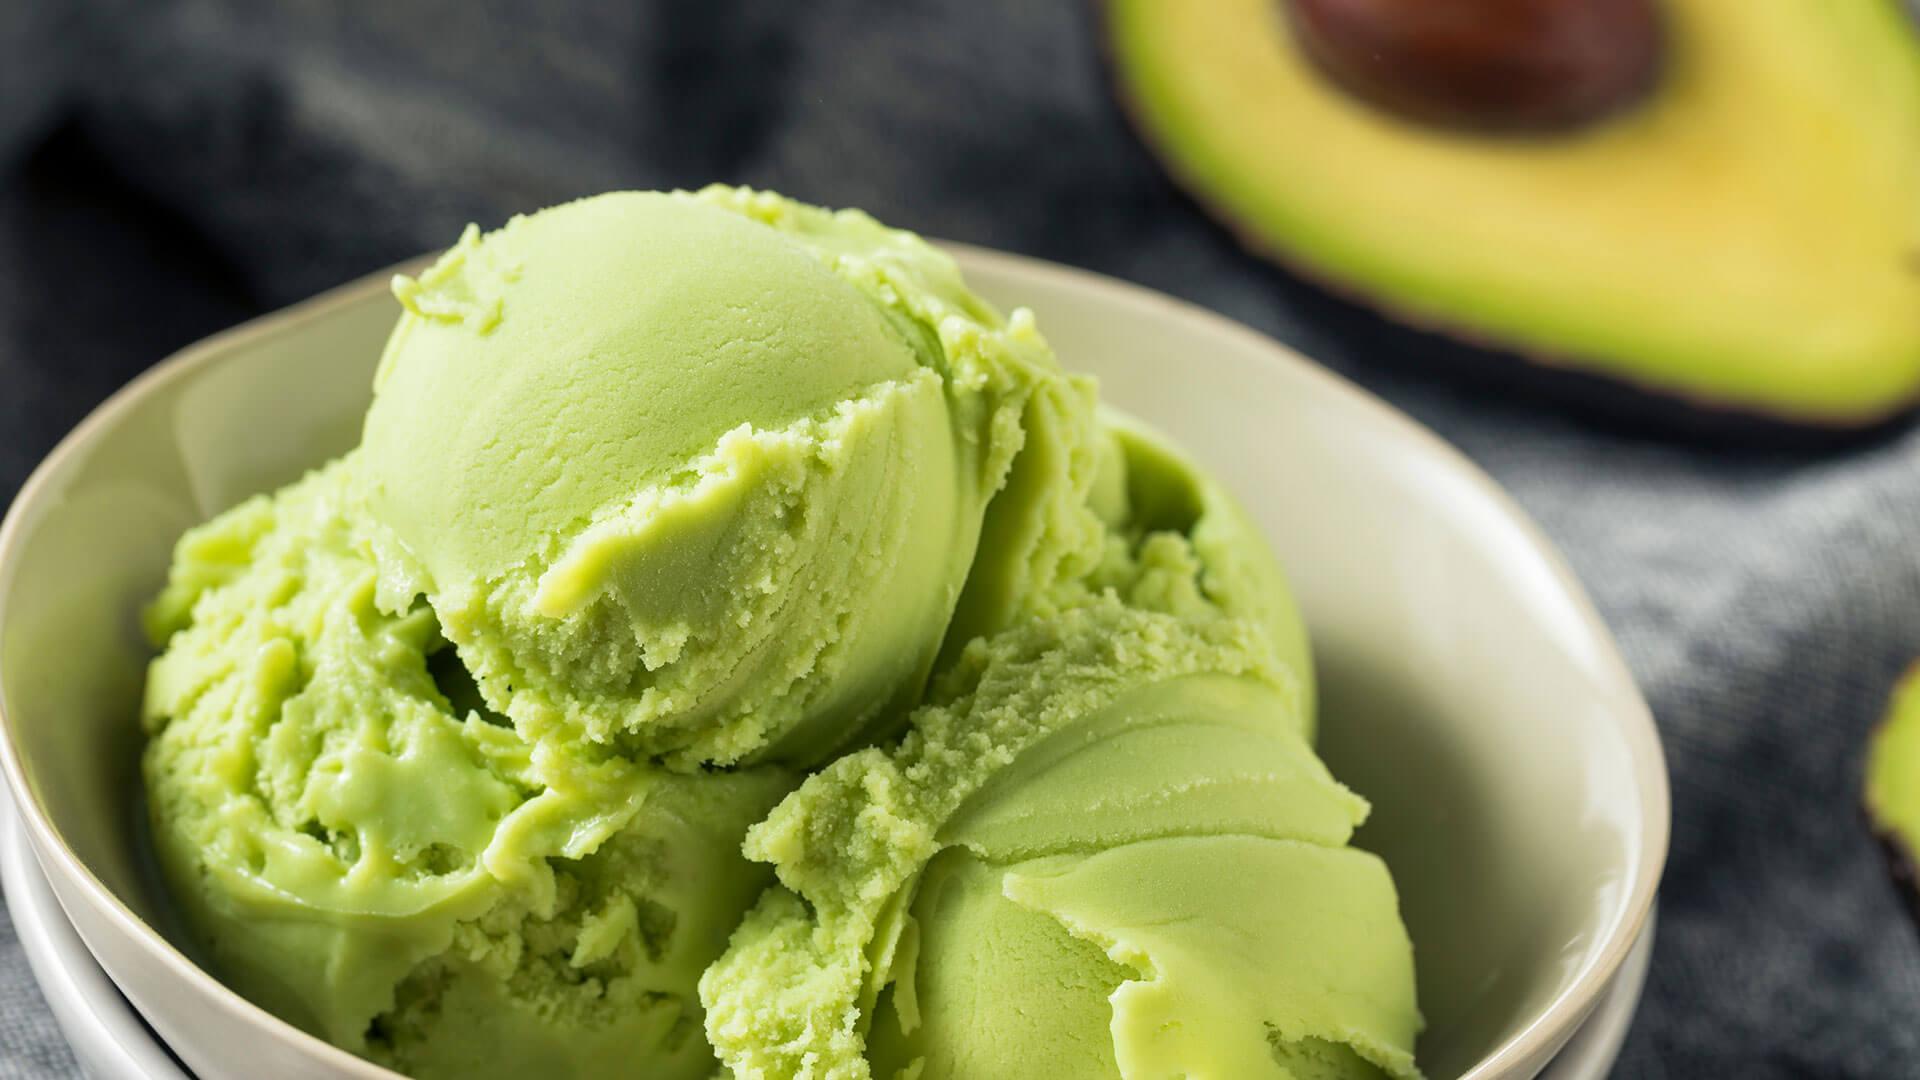 Receita de Sorvete Proteico de Abacate e Flocos - Zero Açúcar e reduzido em carboidratos